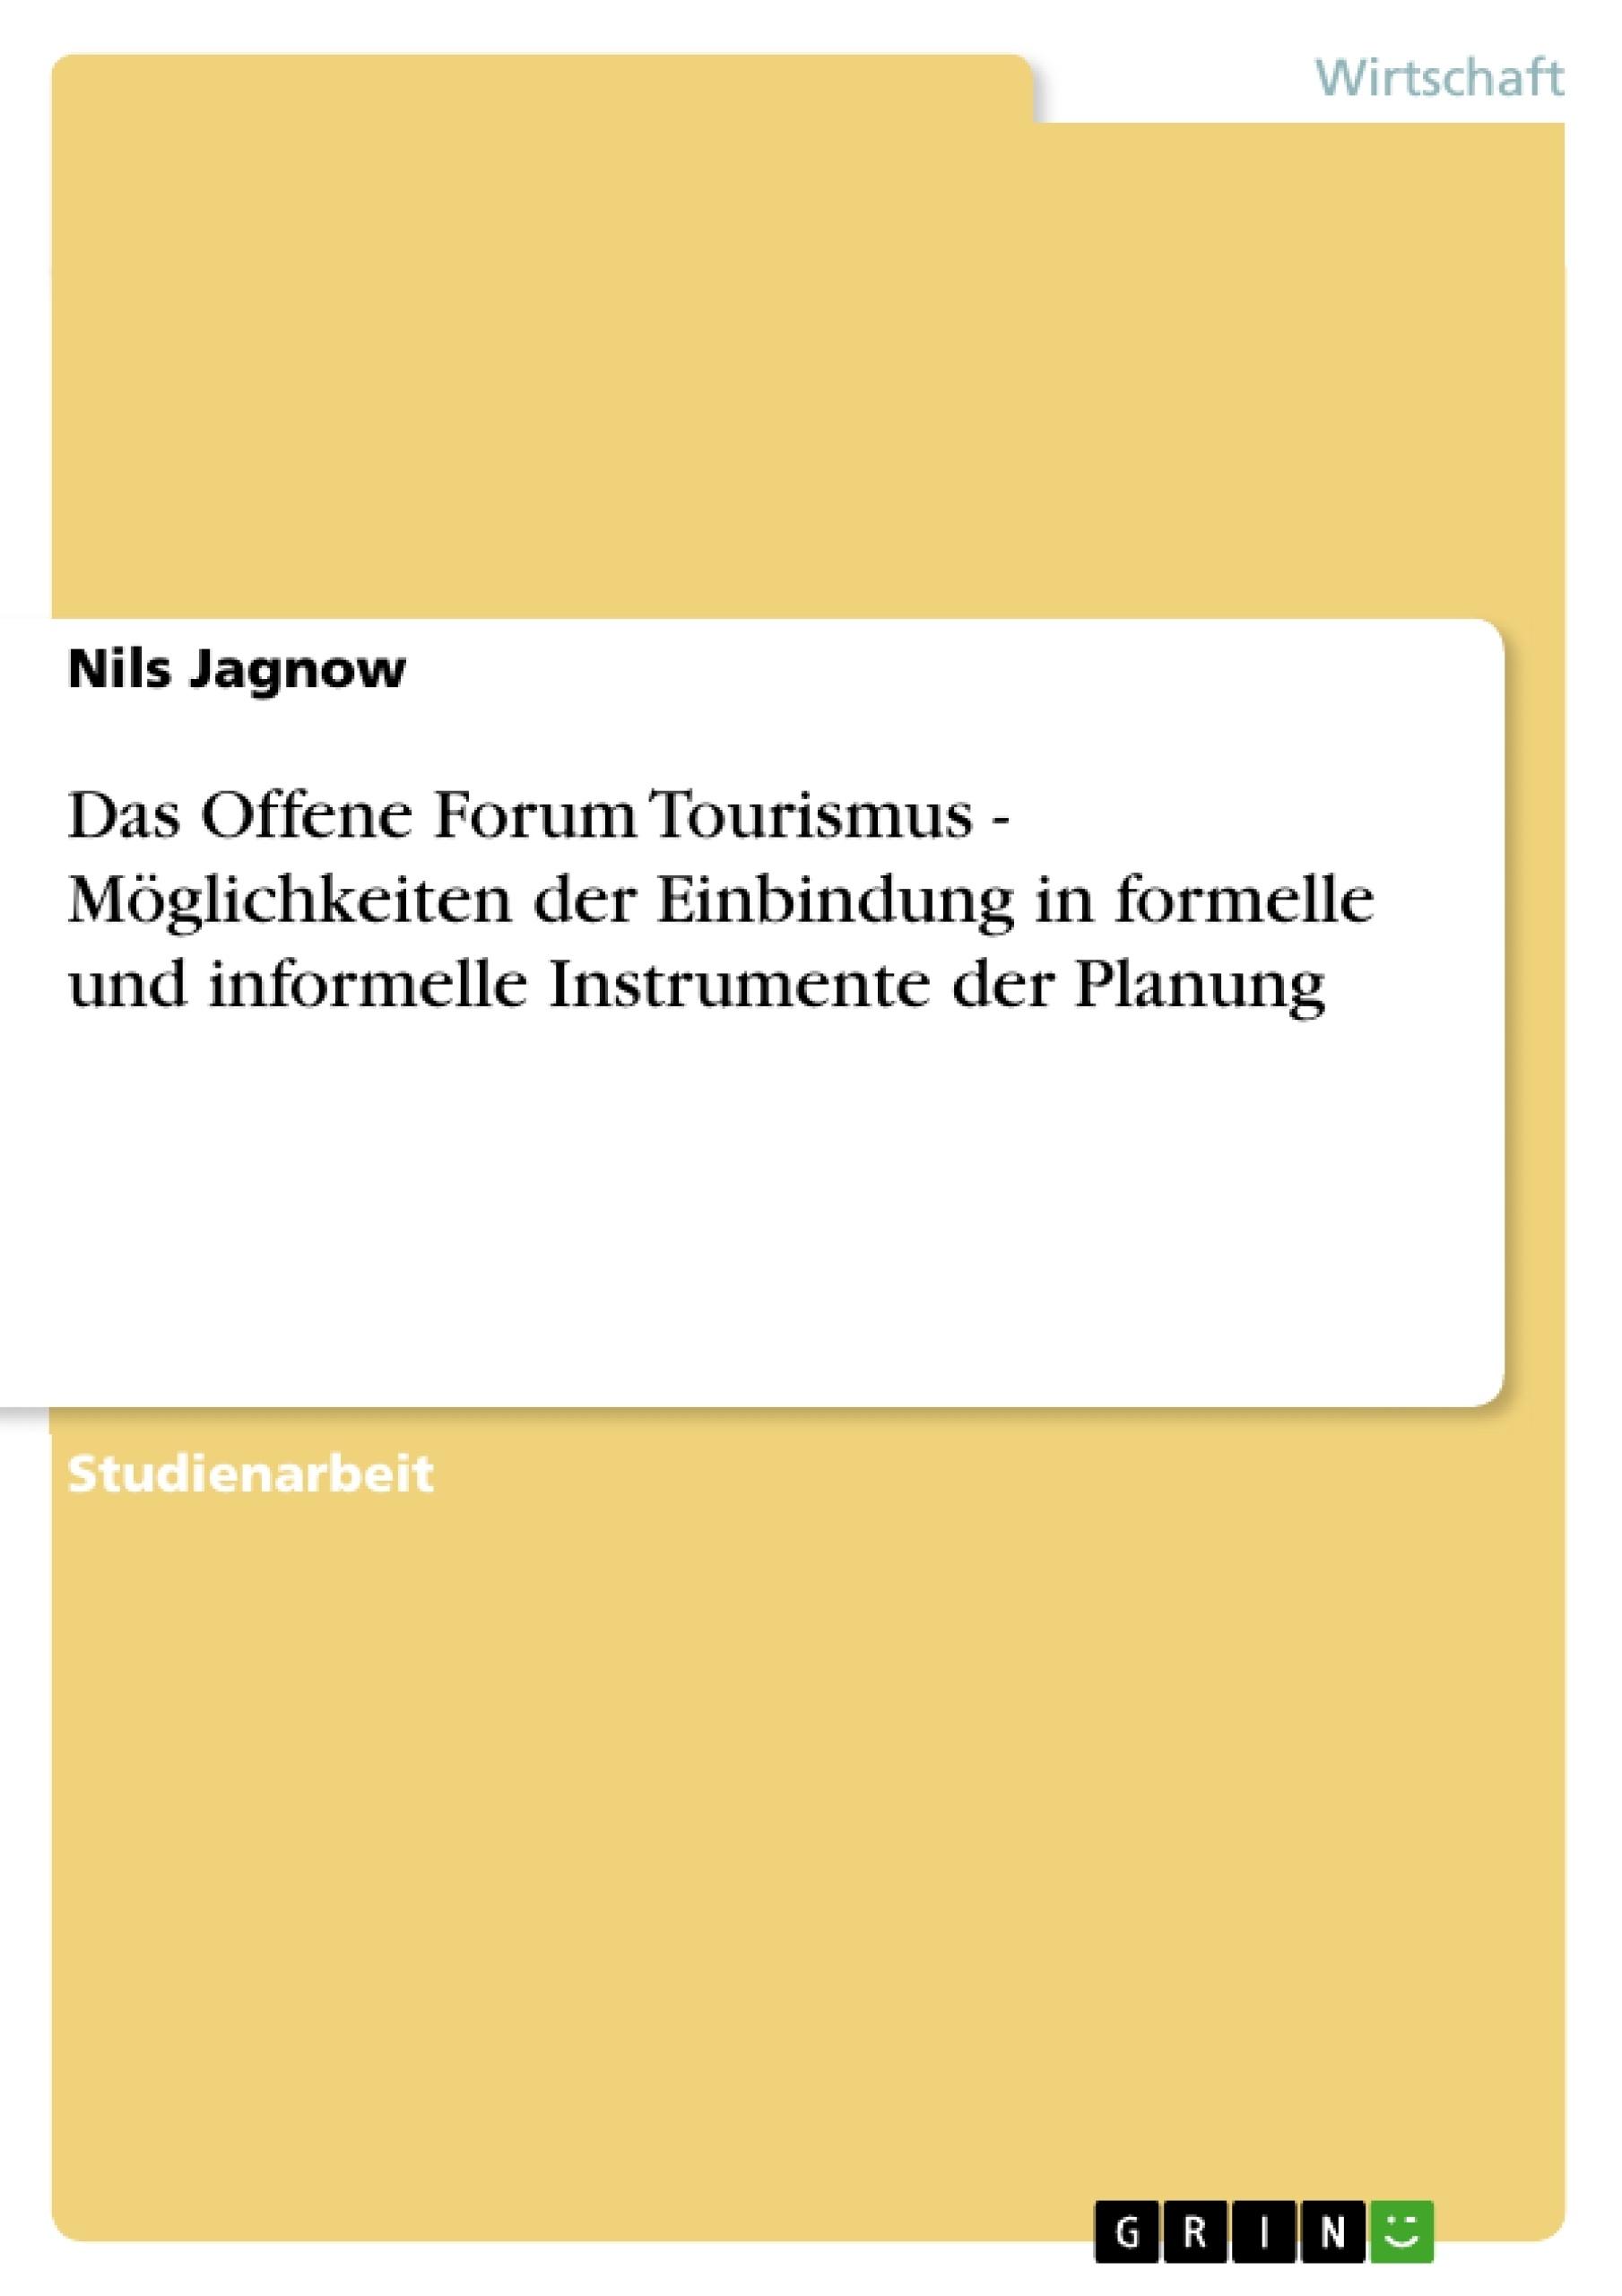 Titel: Das Offene Forum Tourismus - Möglichkeiten der Einbindung in formelle und informelle Instrumente der Planung